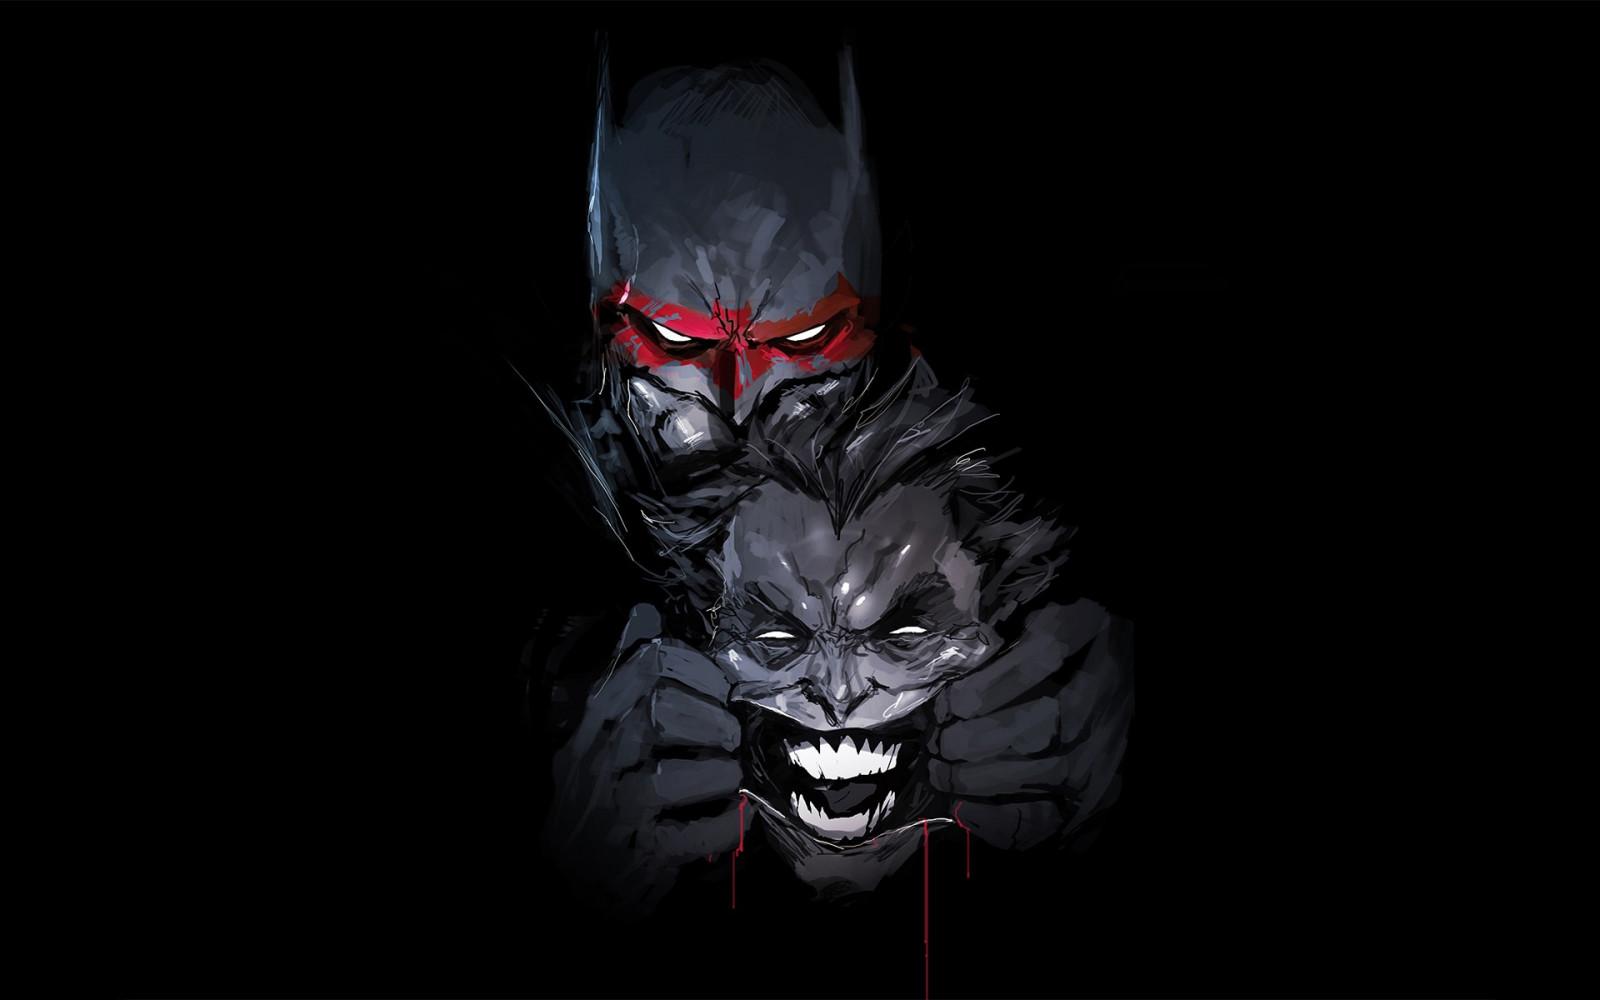 Wallpaper Batman Joker Demon Dc Comics Darkness Screenshot